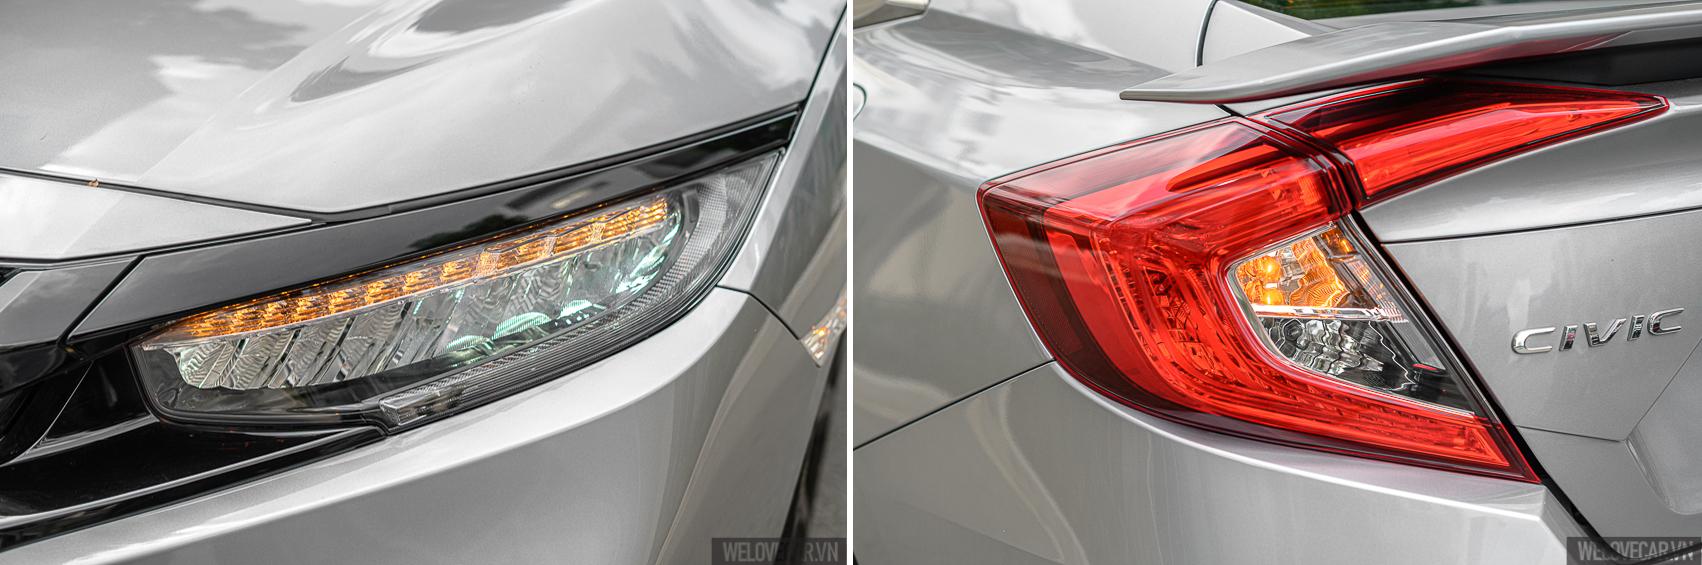 Những trải nghiệm mới Honda Civic RS: mạnh mẽ, đam mê và đầy khác biệt - 24